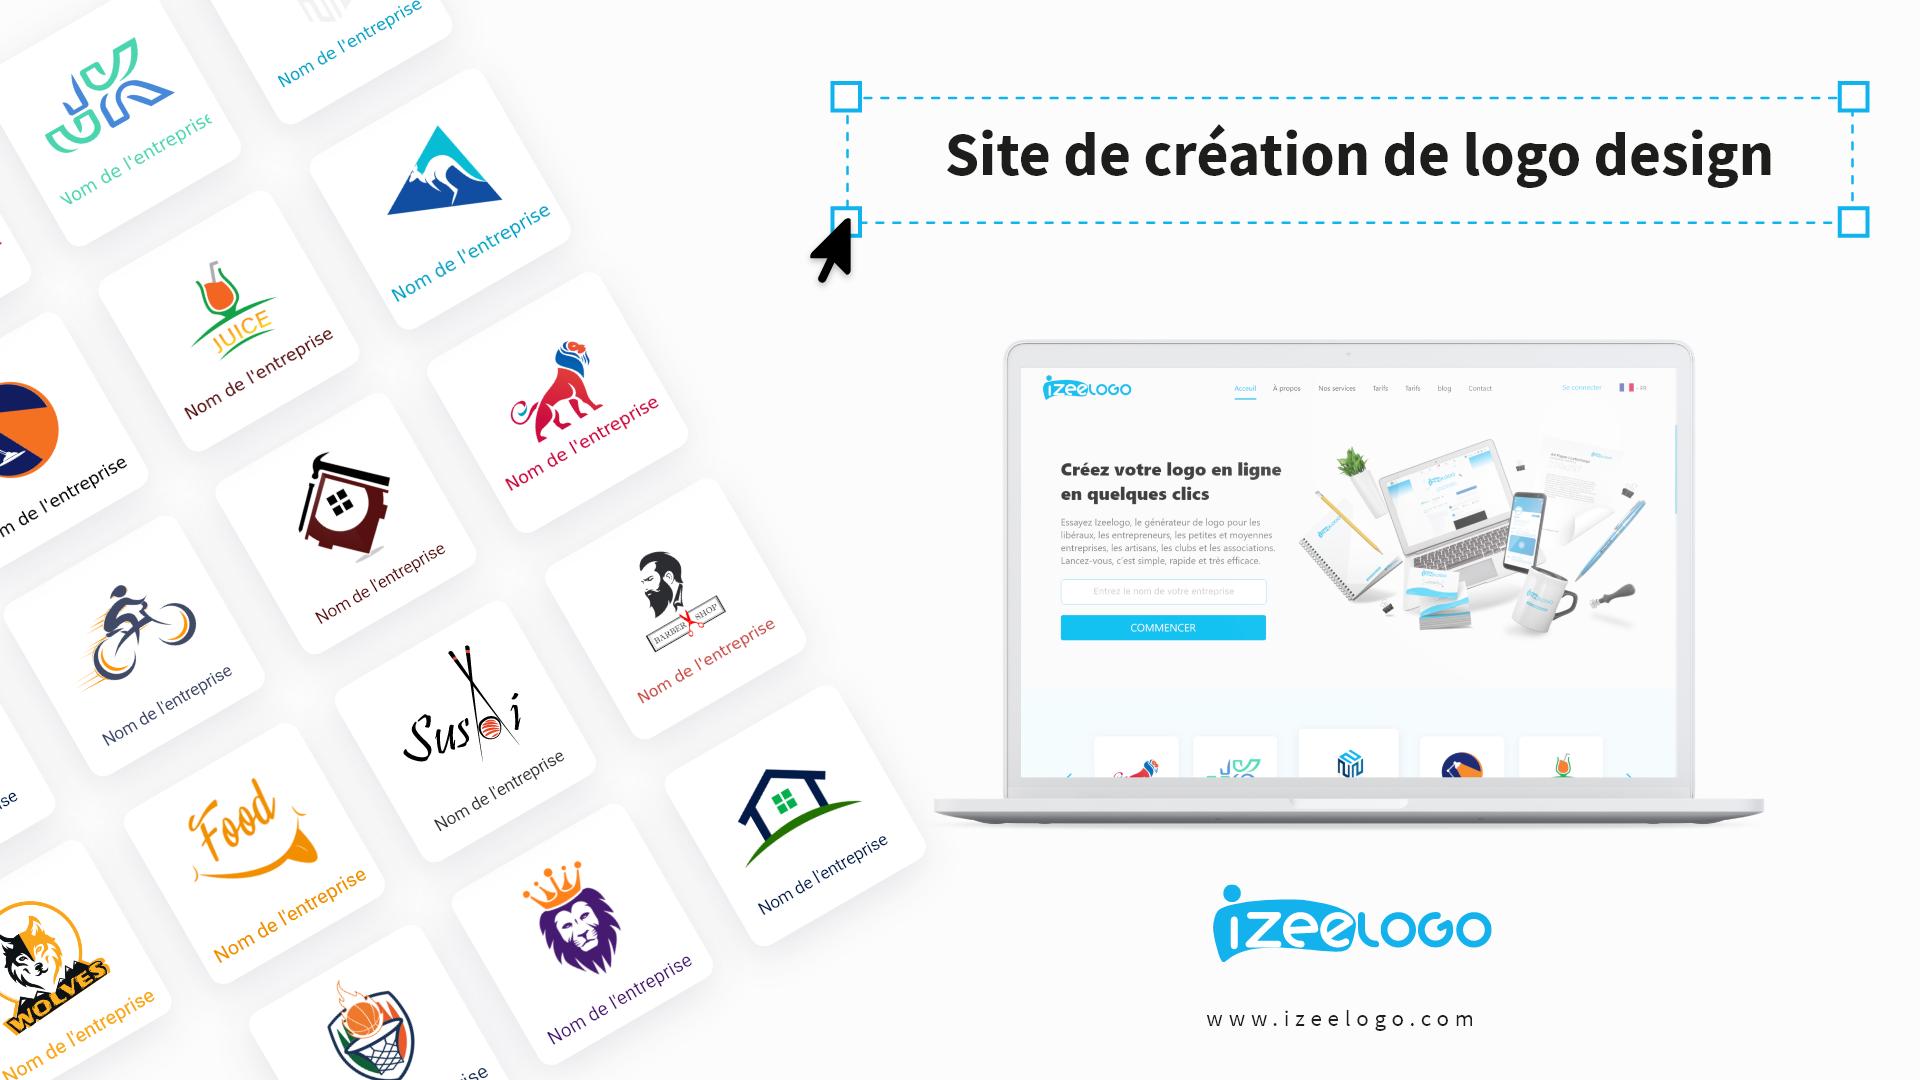 Utilisez Izeelogo pour créer un logo moderne personnalisé. C'est simple, facile et rapide.